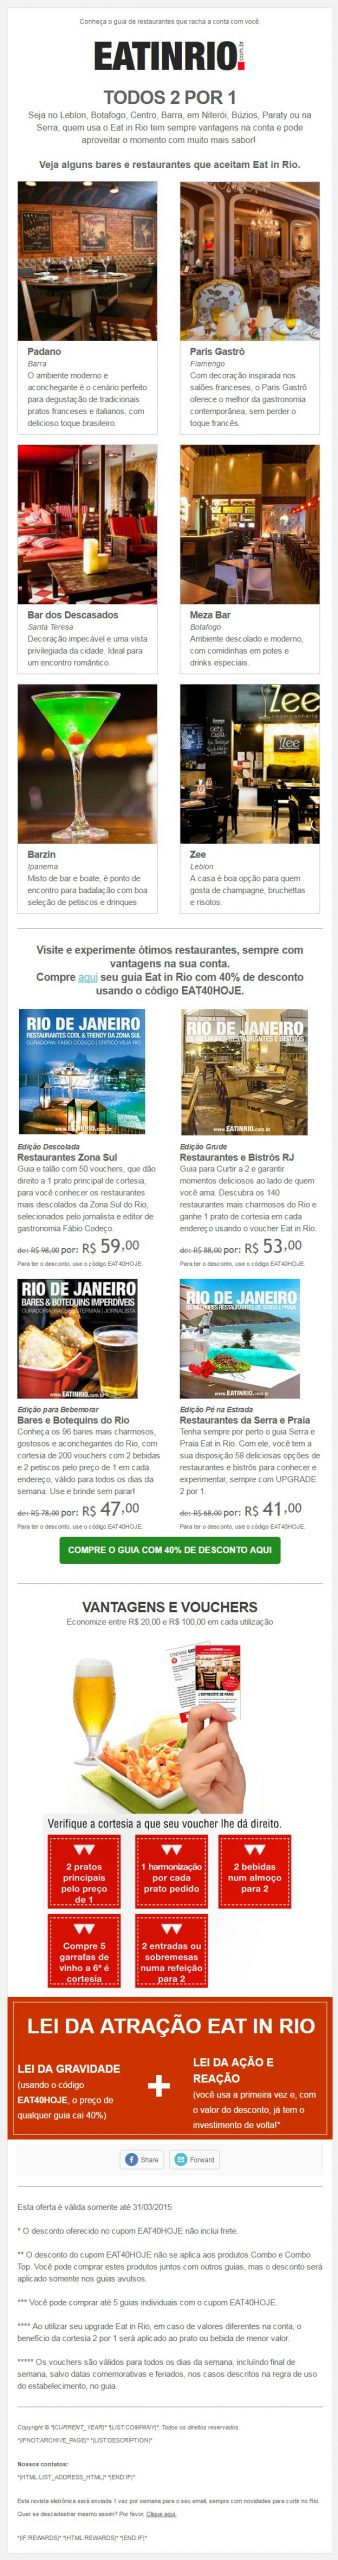 Email Marketing Eat in Rio - Design Thomaz Dantas